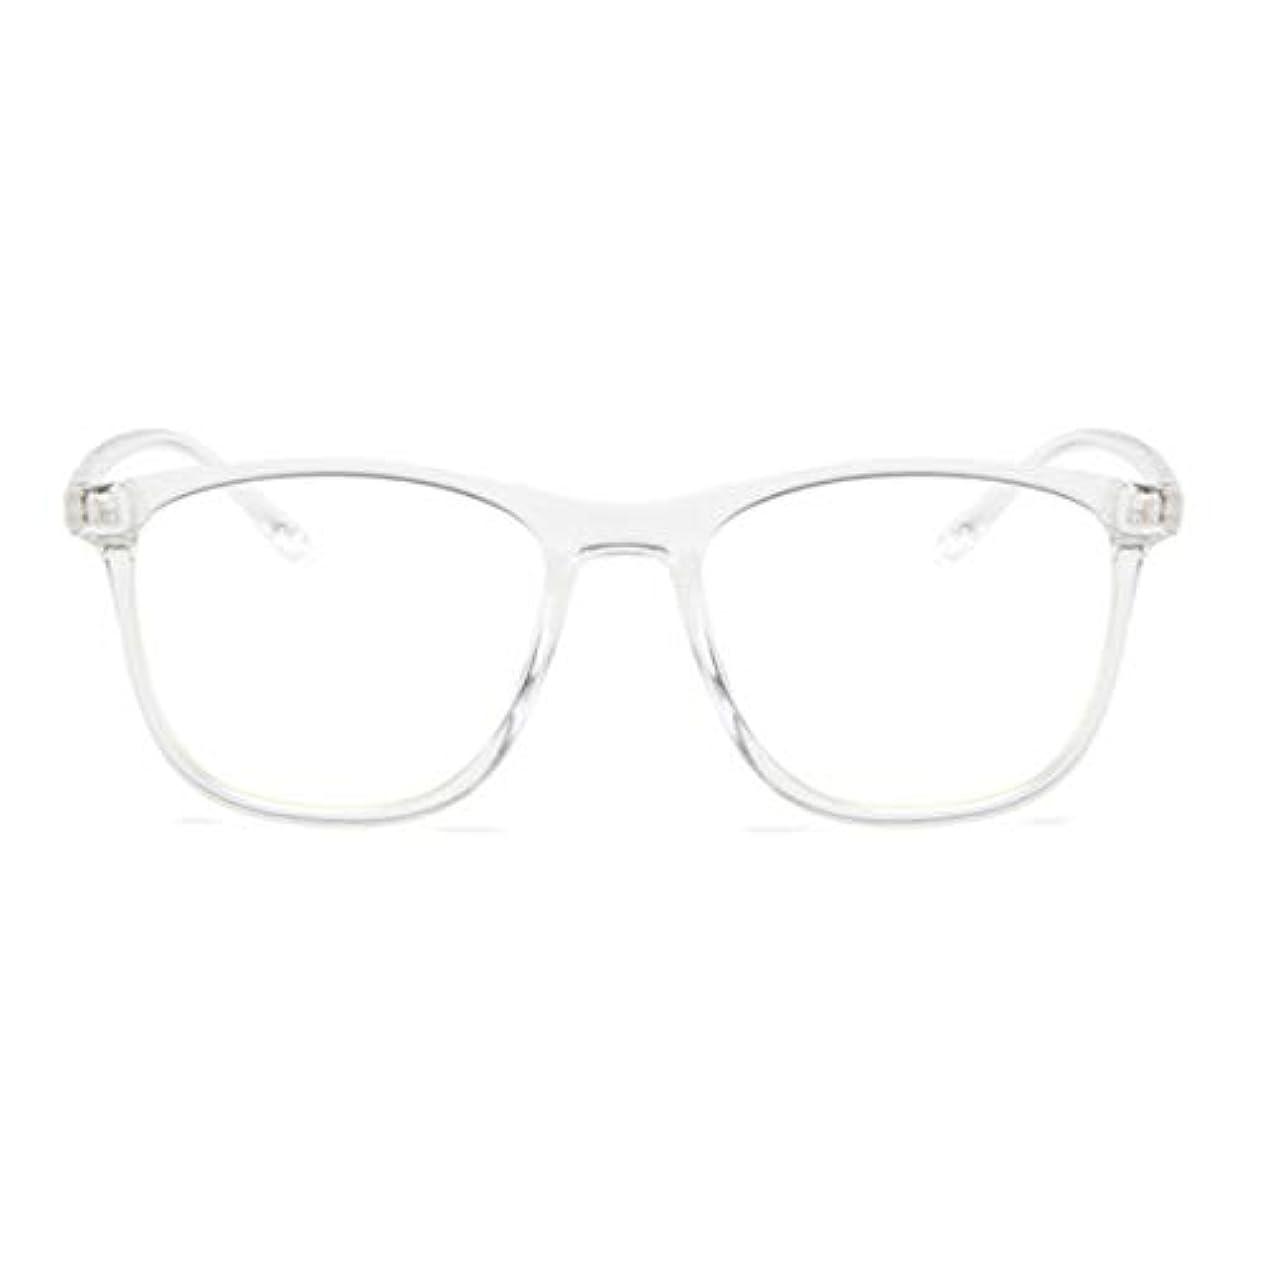 ぜいたくぜいたくまばたき韓国の学生のプレーンメガネ男性と女性のファッションメガネフレーム近視メガネフレームファッショナブルなシンプルなメガネ-透明ホワイト